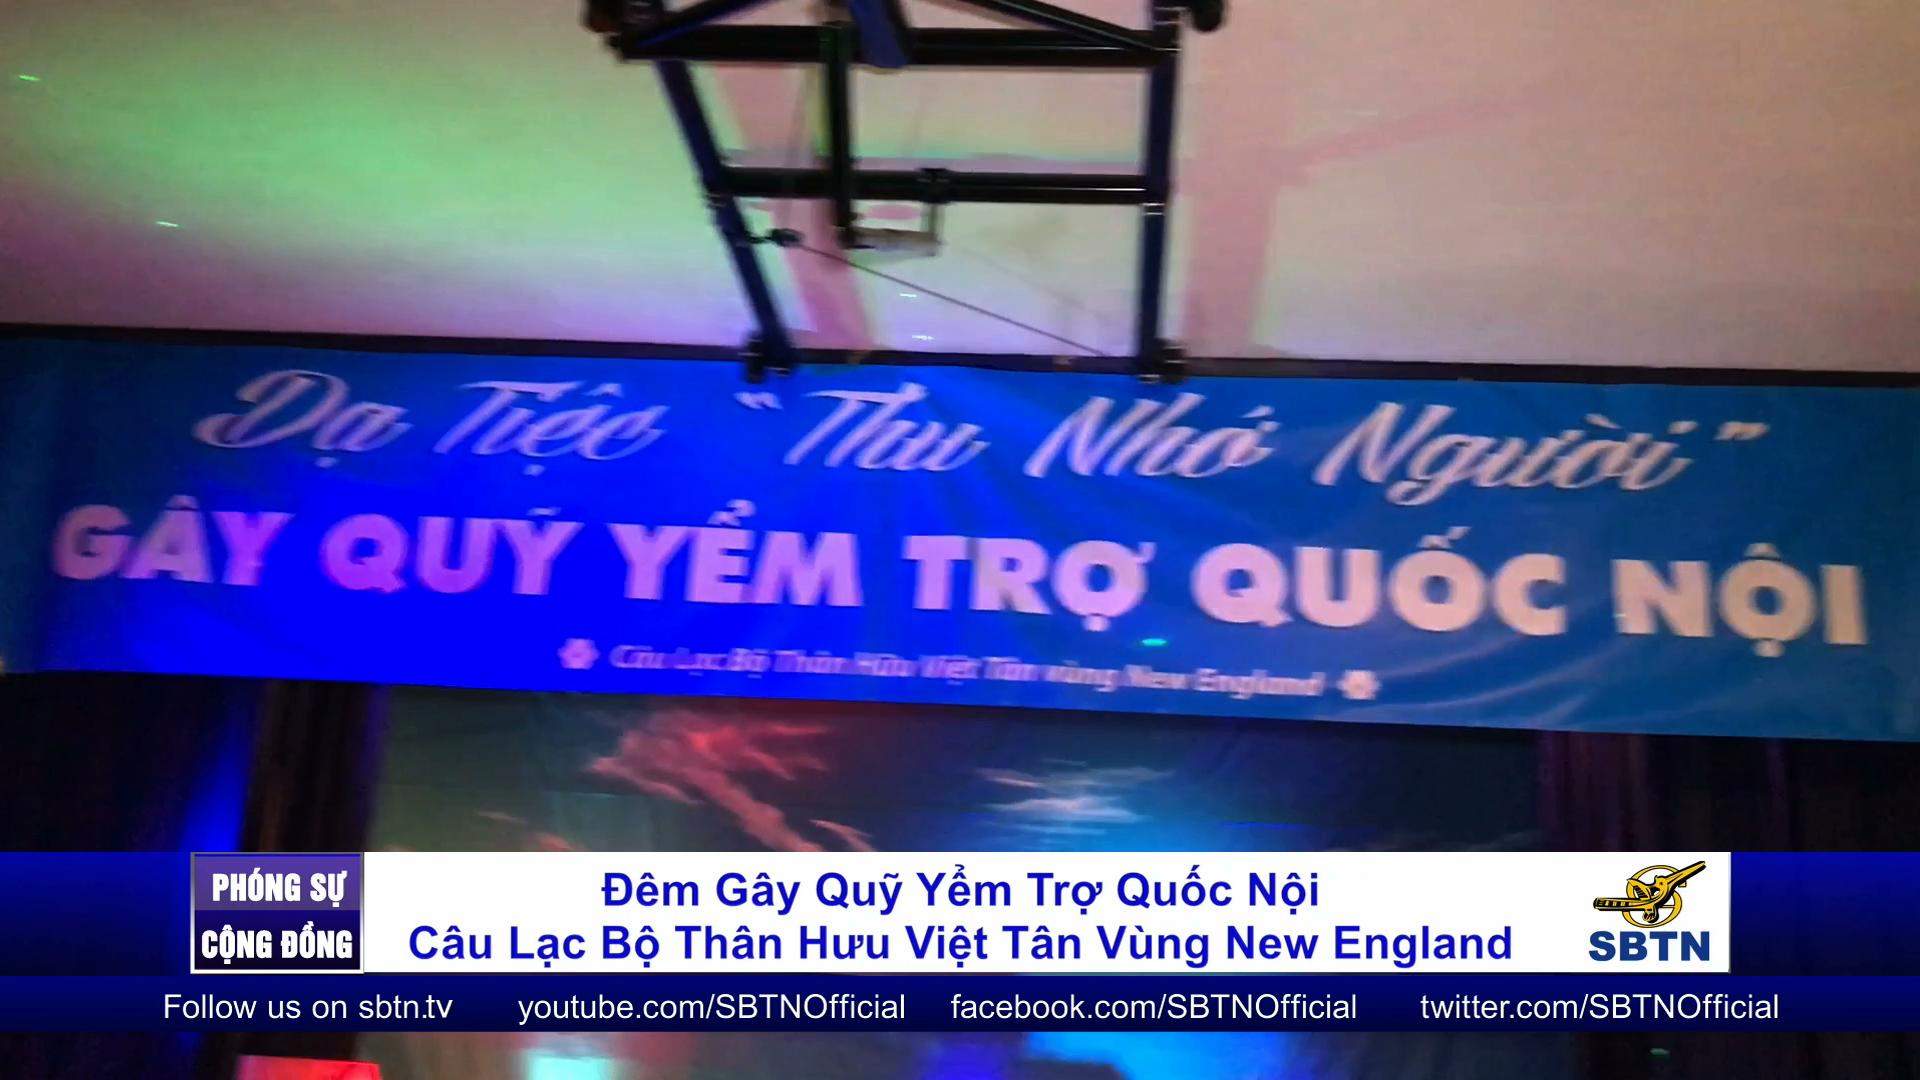 Đêm gây quỹ yểm trợ quốc nội của CLB thân hữu Việt Tân vùng Đông Bắc Hoa Kỳ